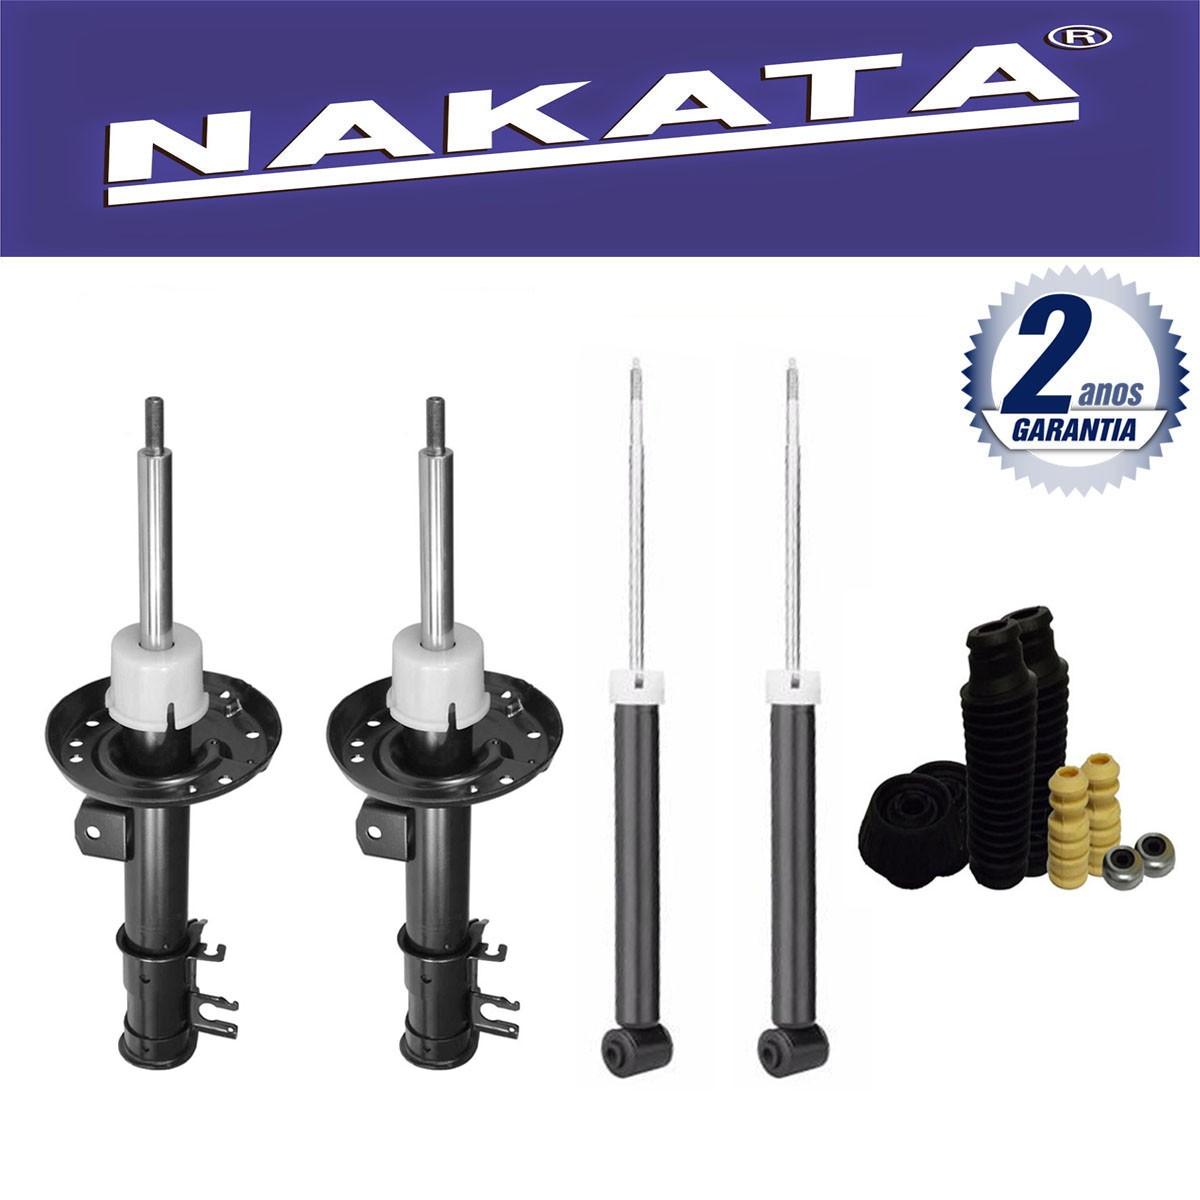 Jogo 04 Amortecedores Nakata Honda City 2009 Até 2013 + Kit da Suspensão